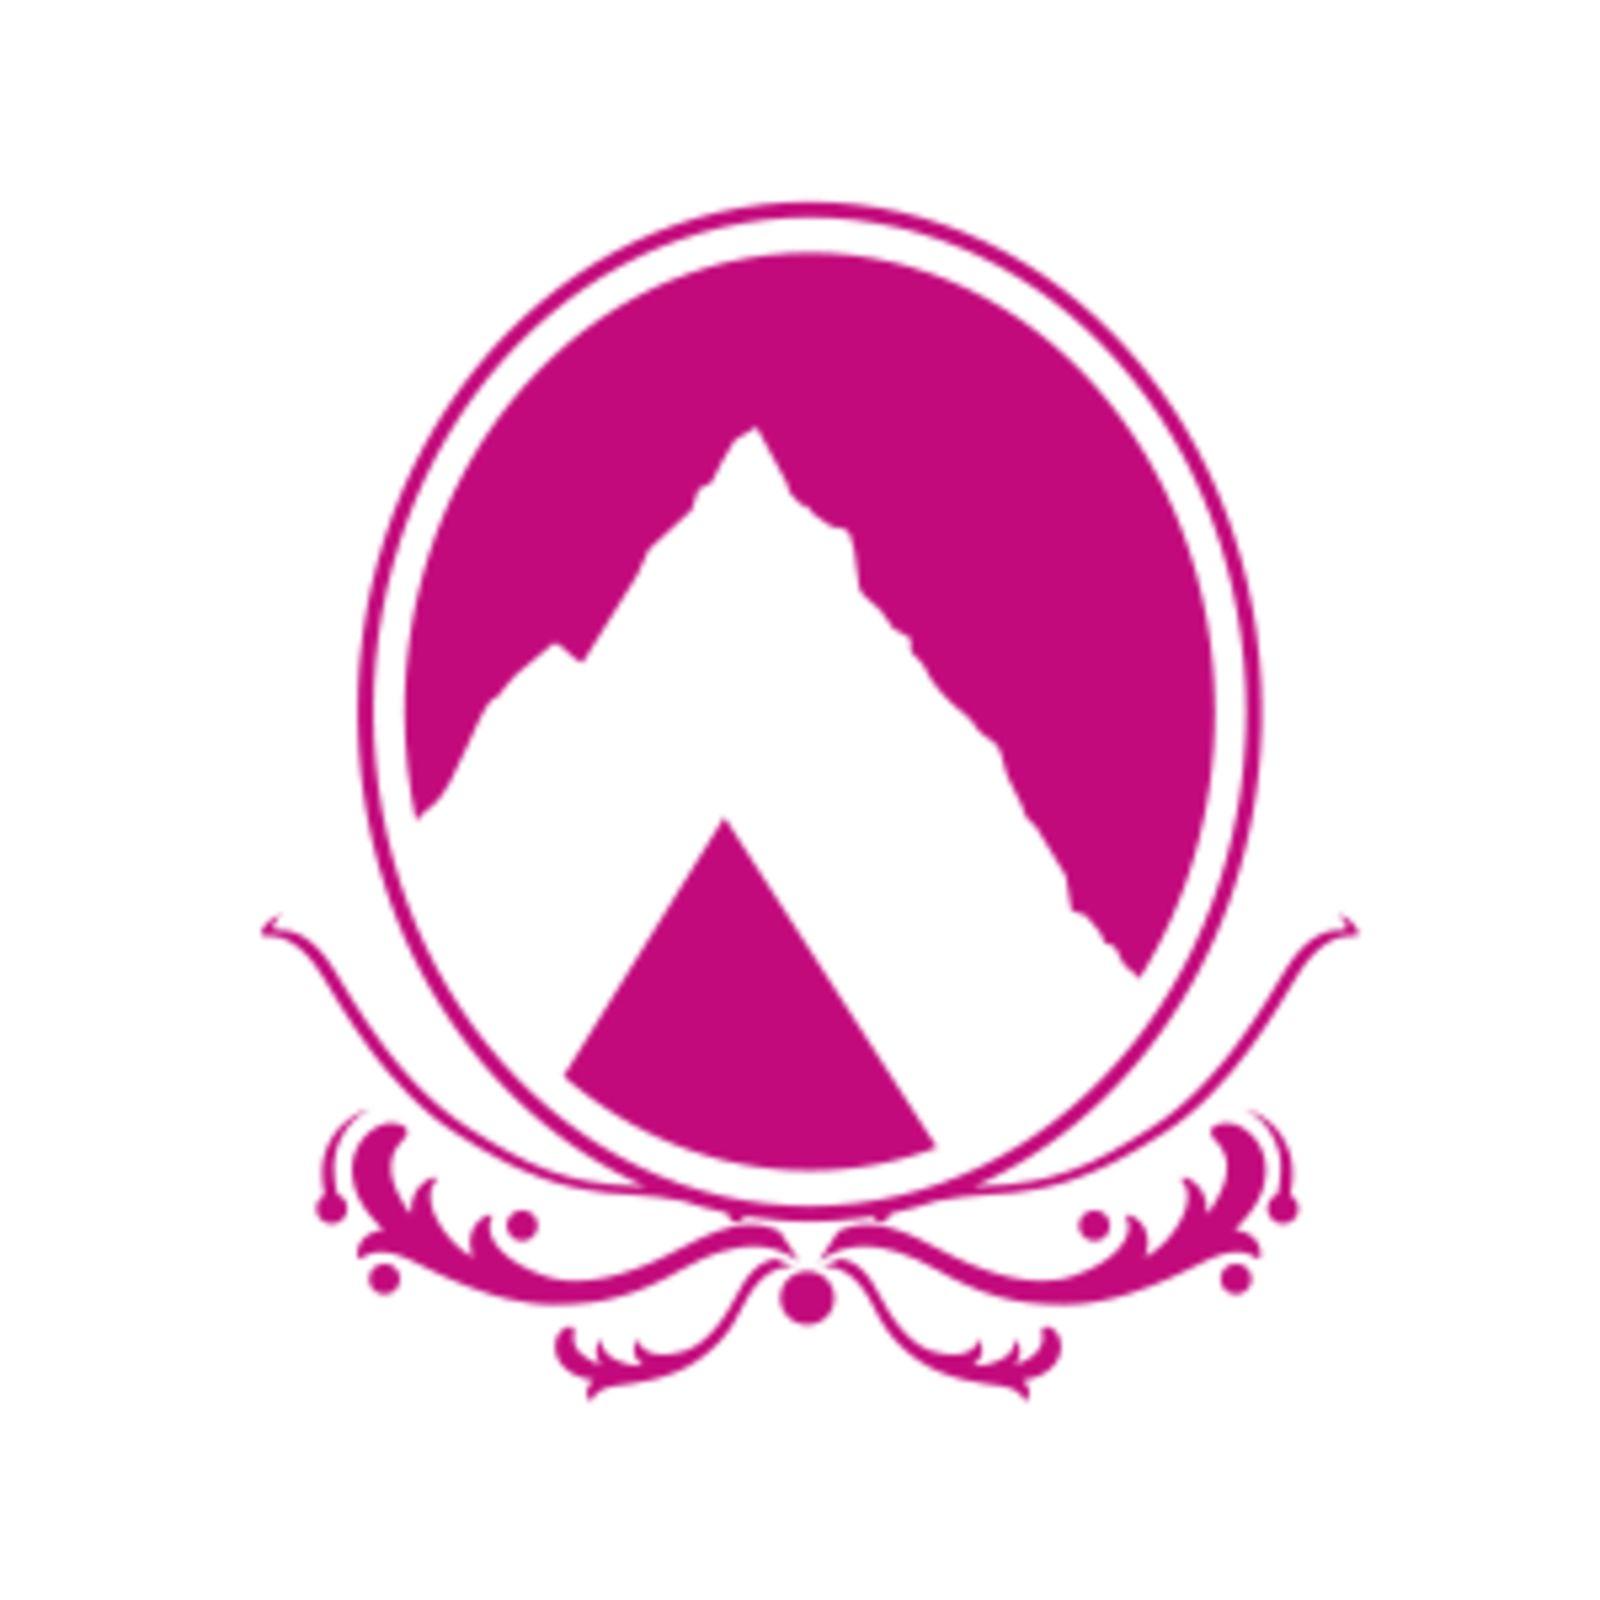 Alpenflüstern (Bild 2)